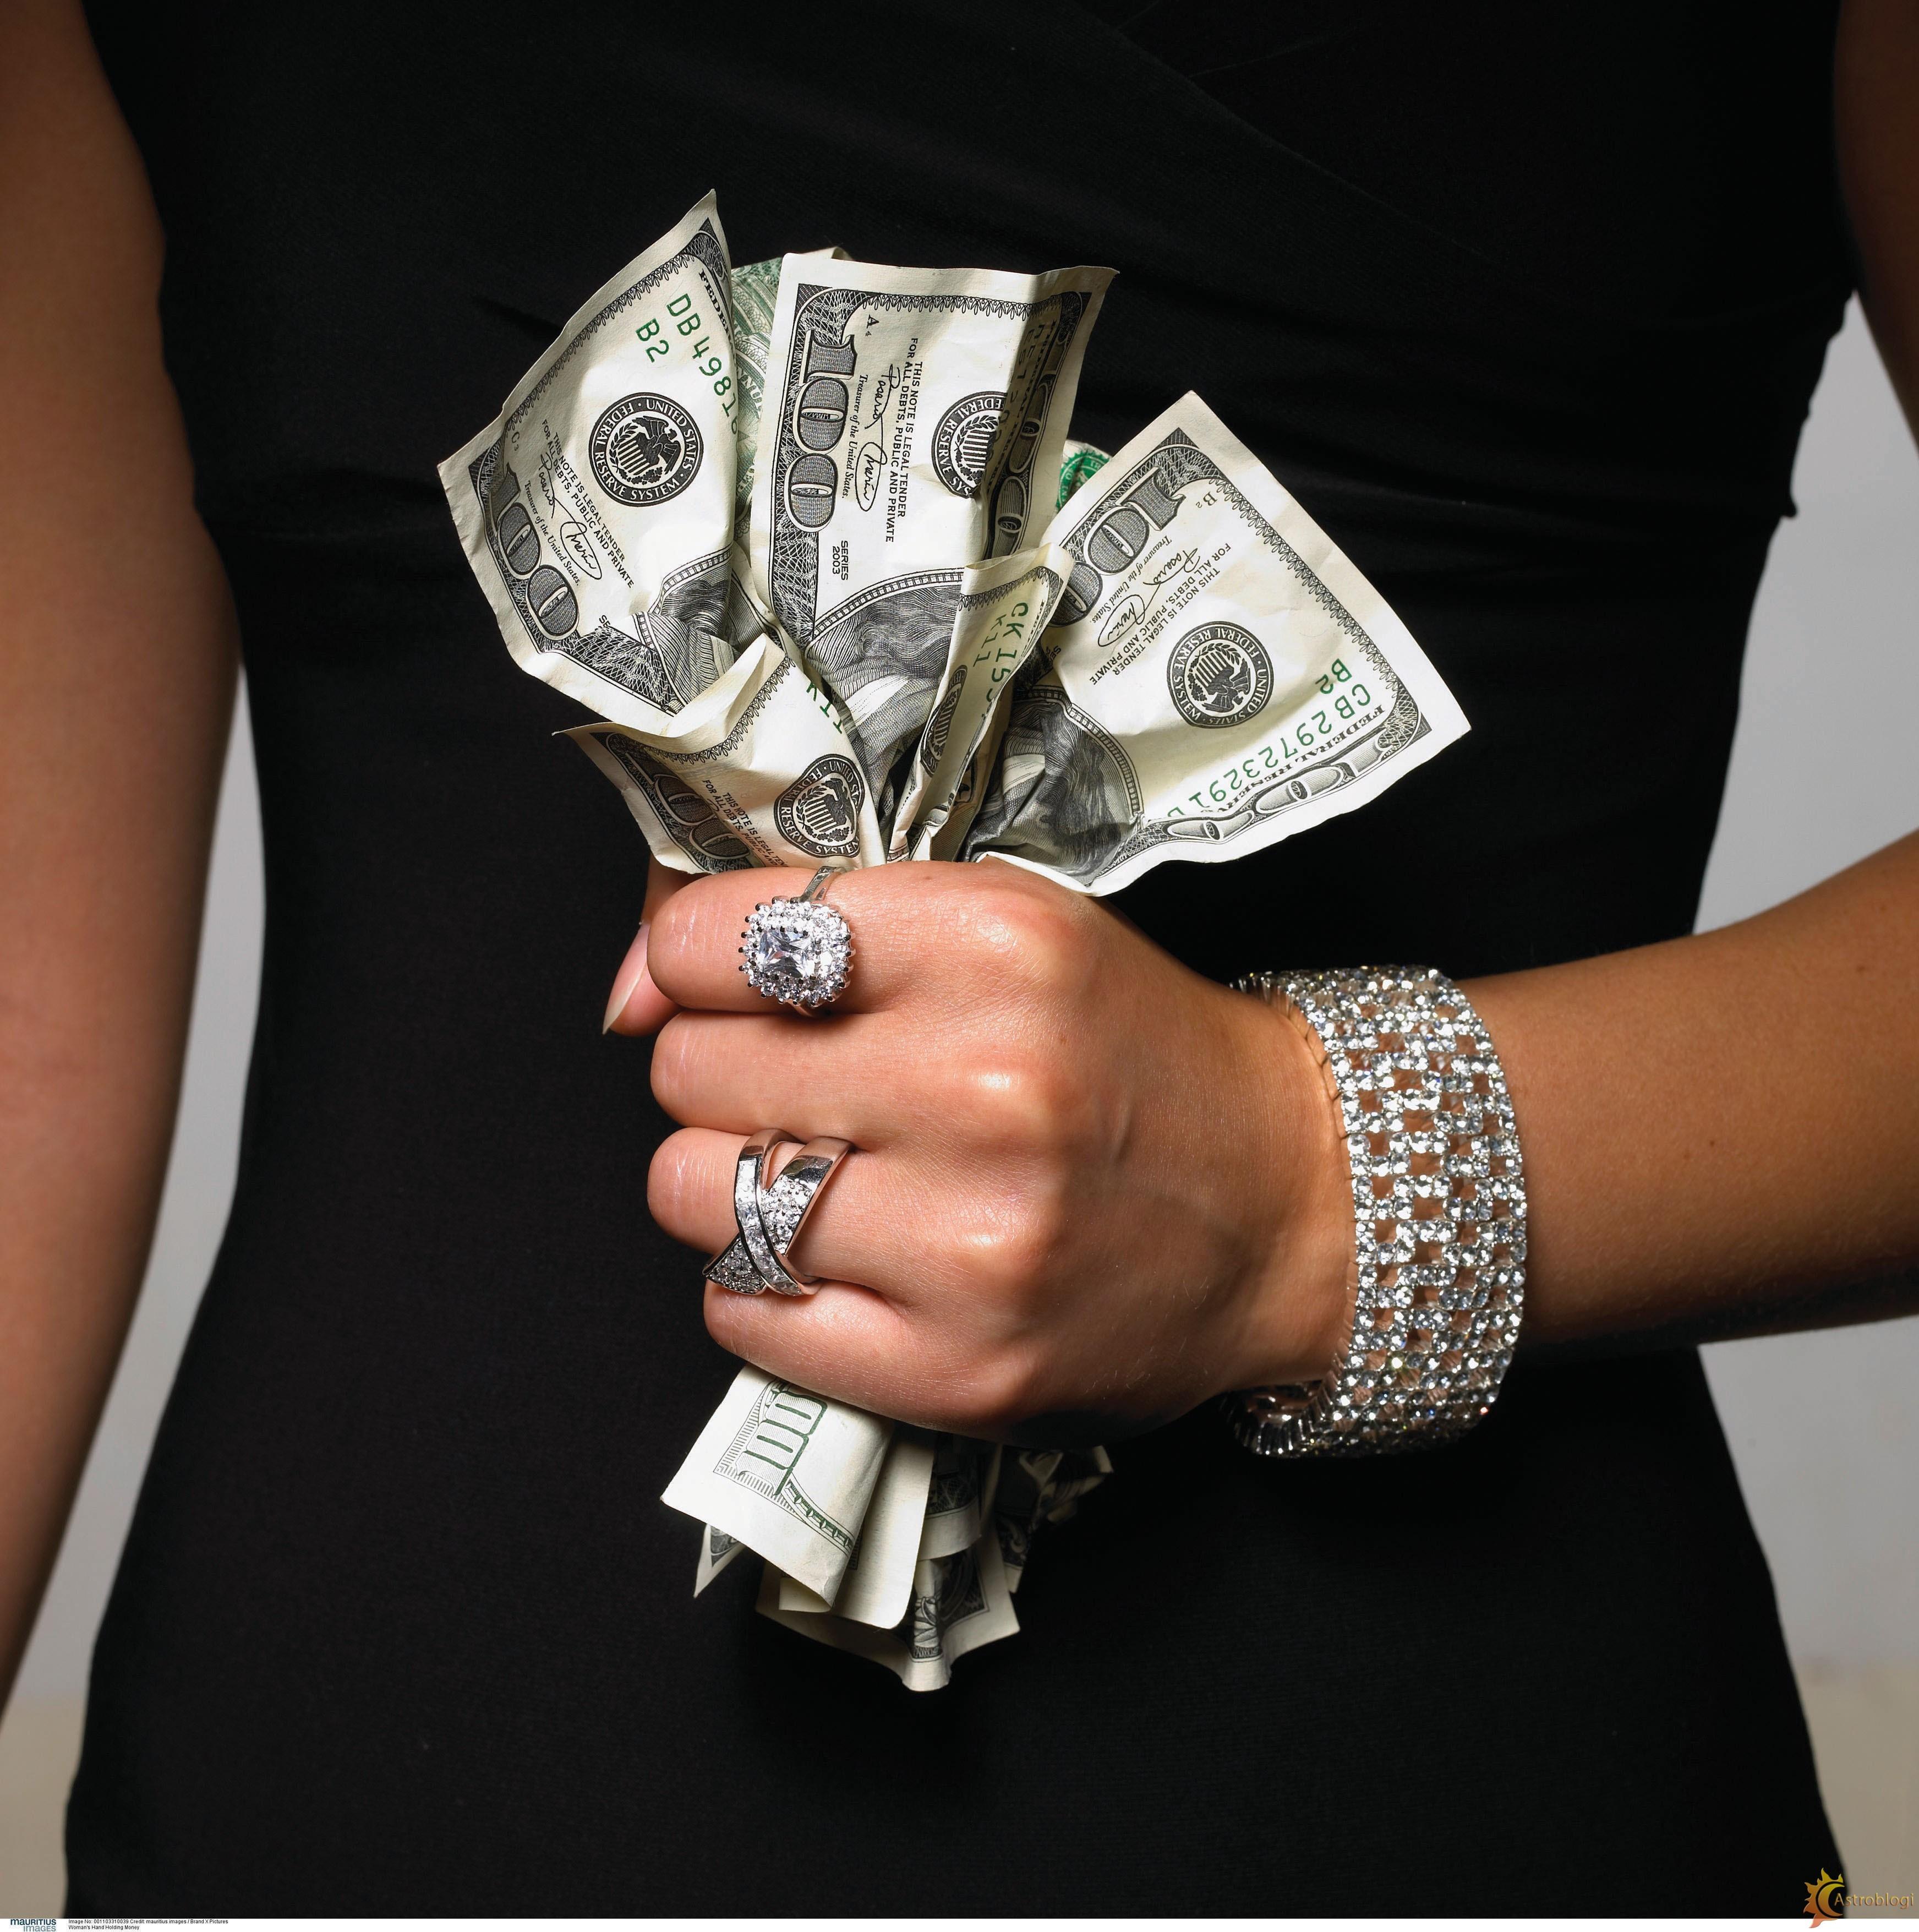 Почему женщины отдаются за деньги 15 фотография